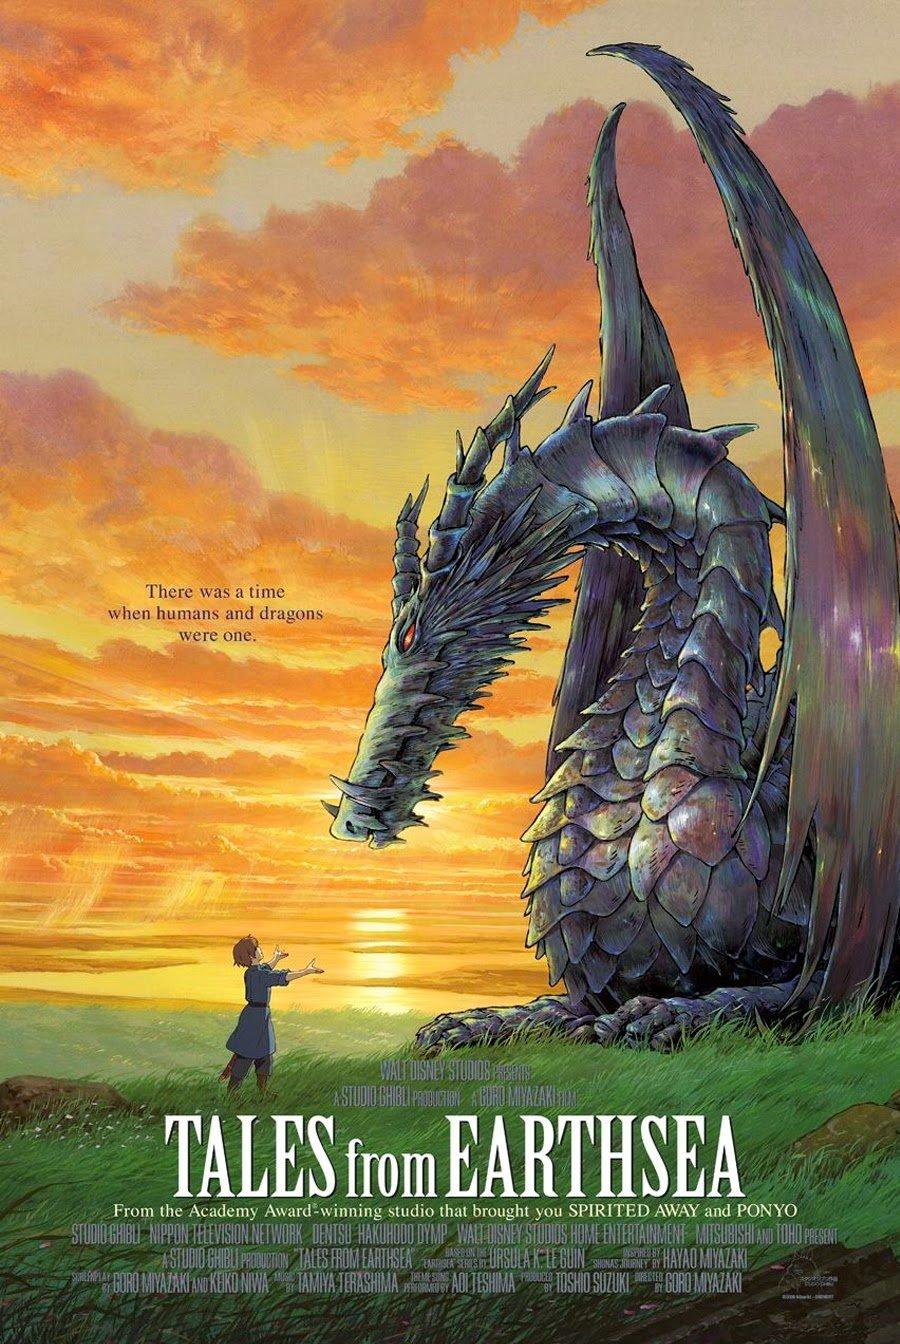 ჯადოსნური მიწის თქმულებები / Tales from Earthsea